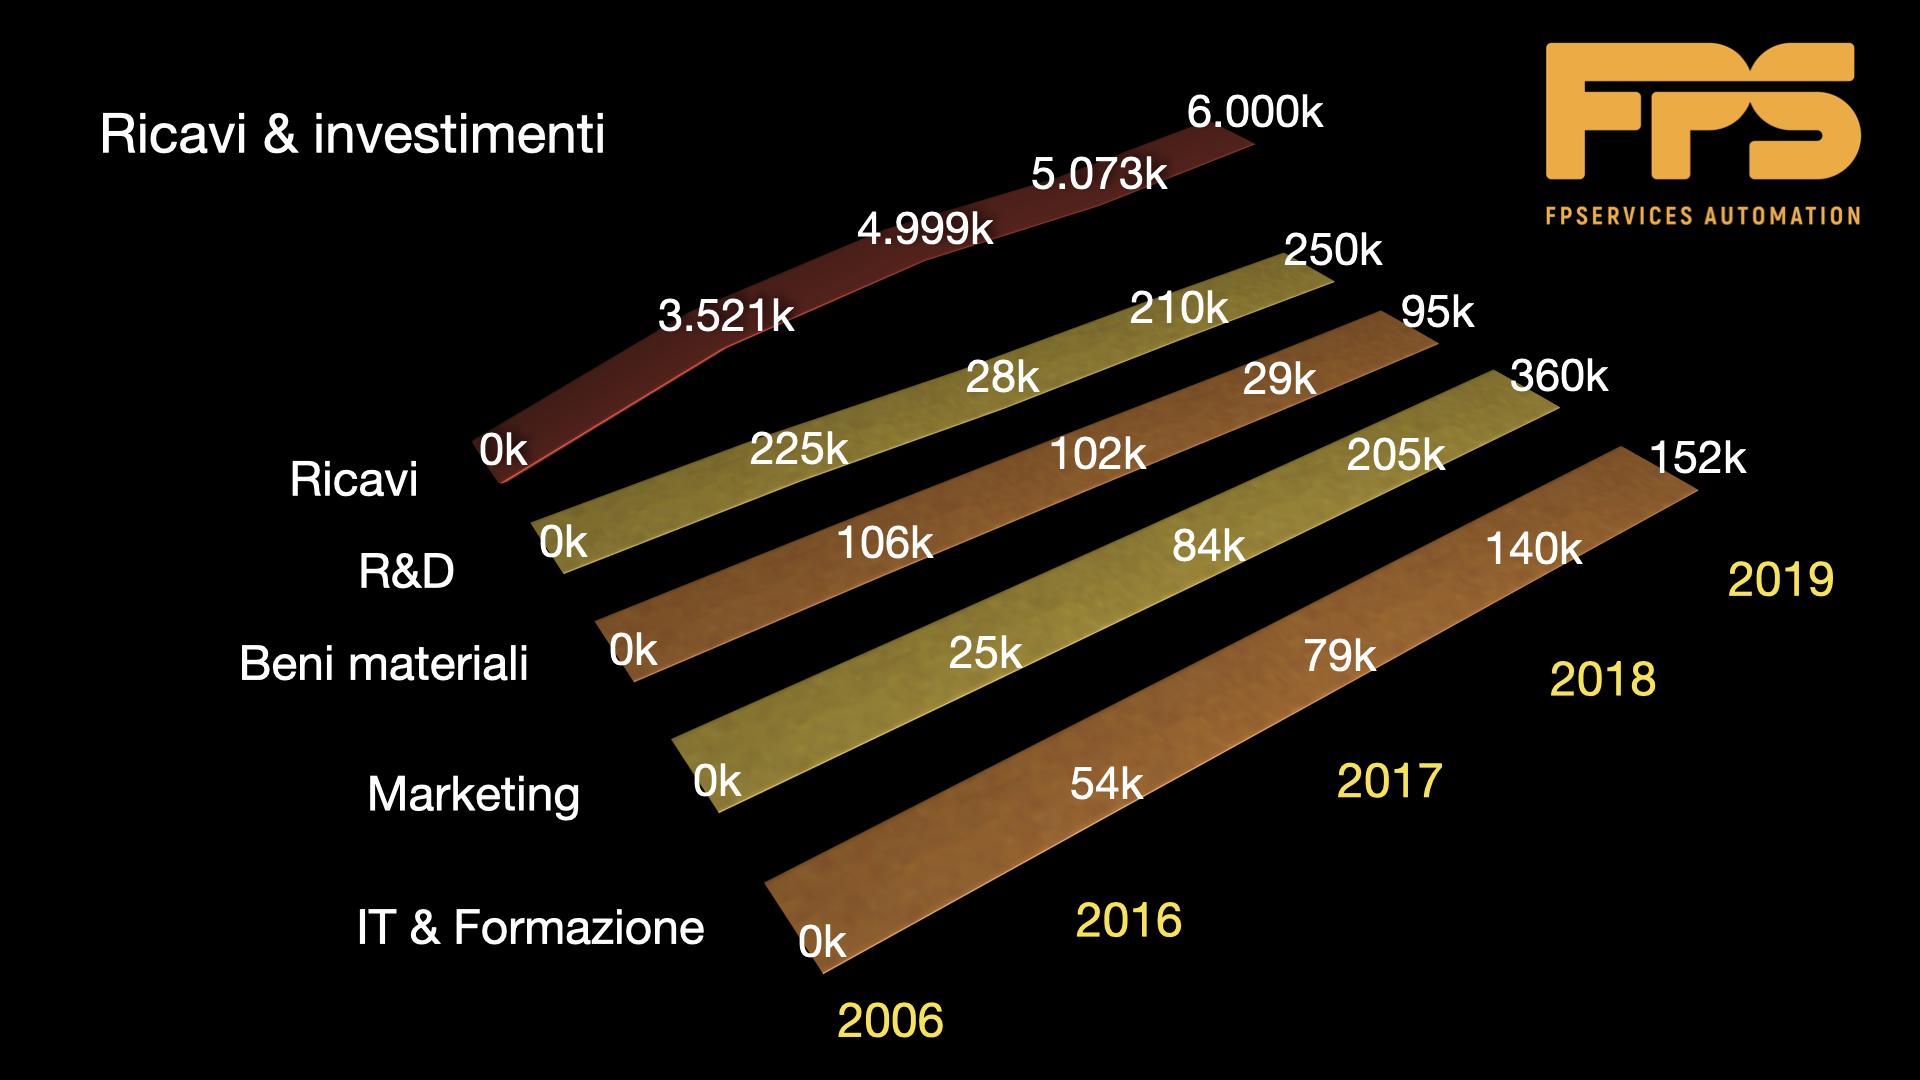 FPS Automation Ricavi e investimenti 2019